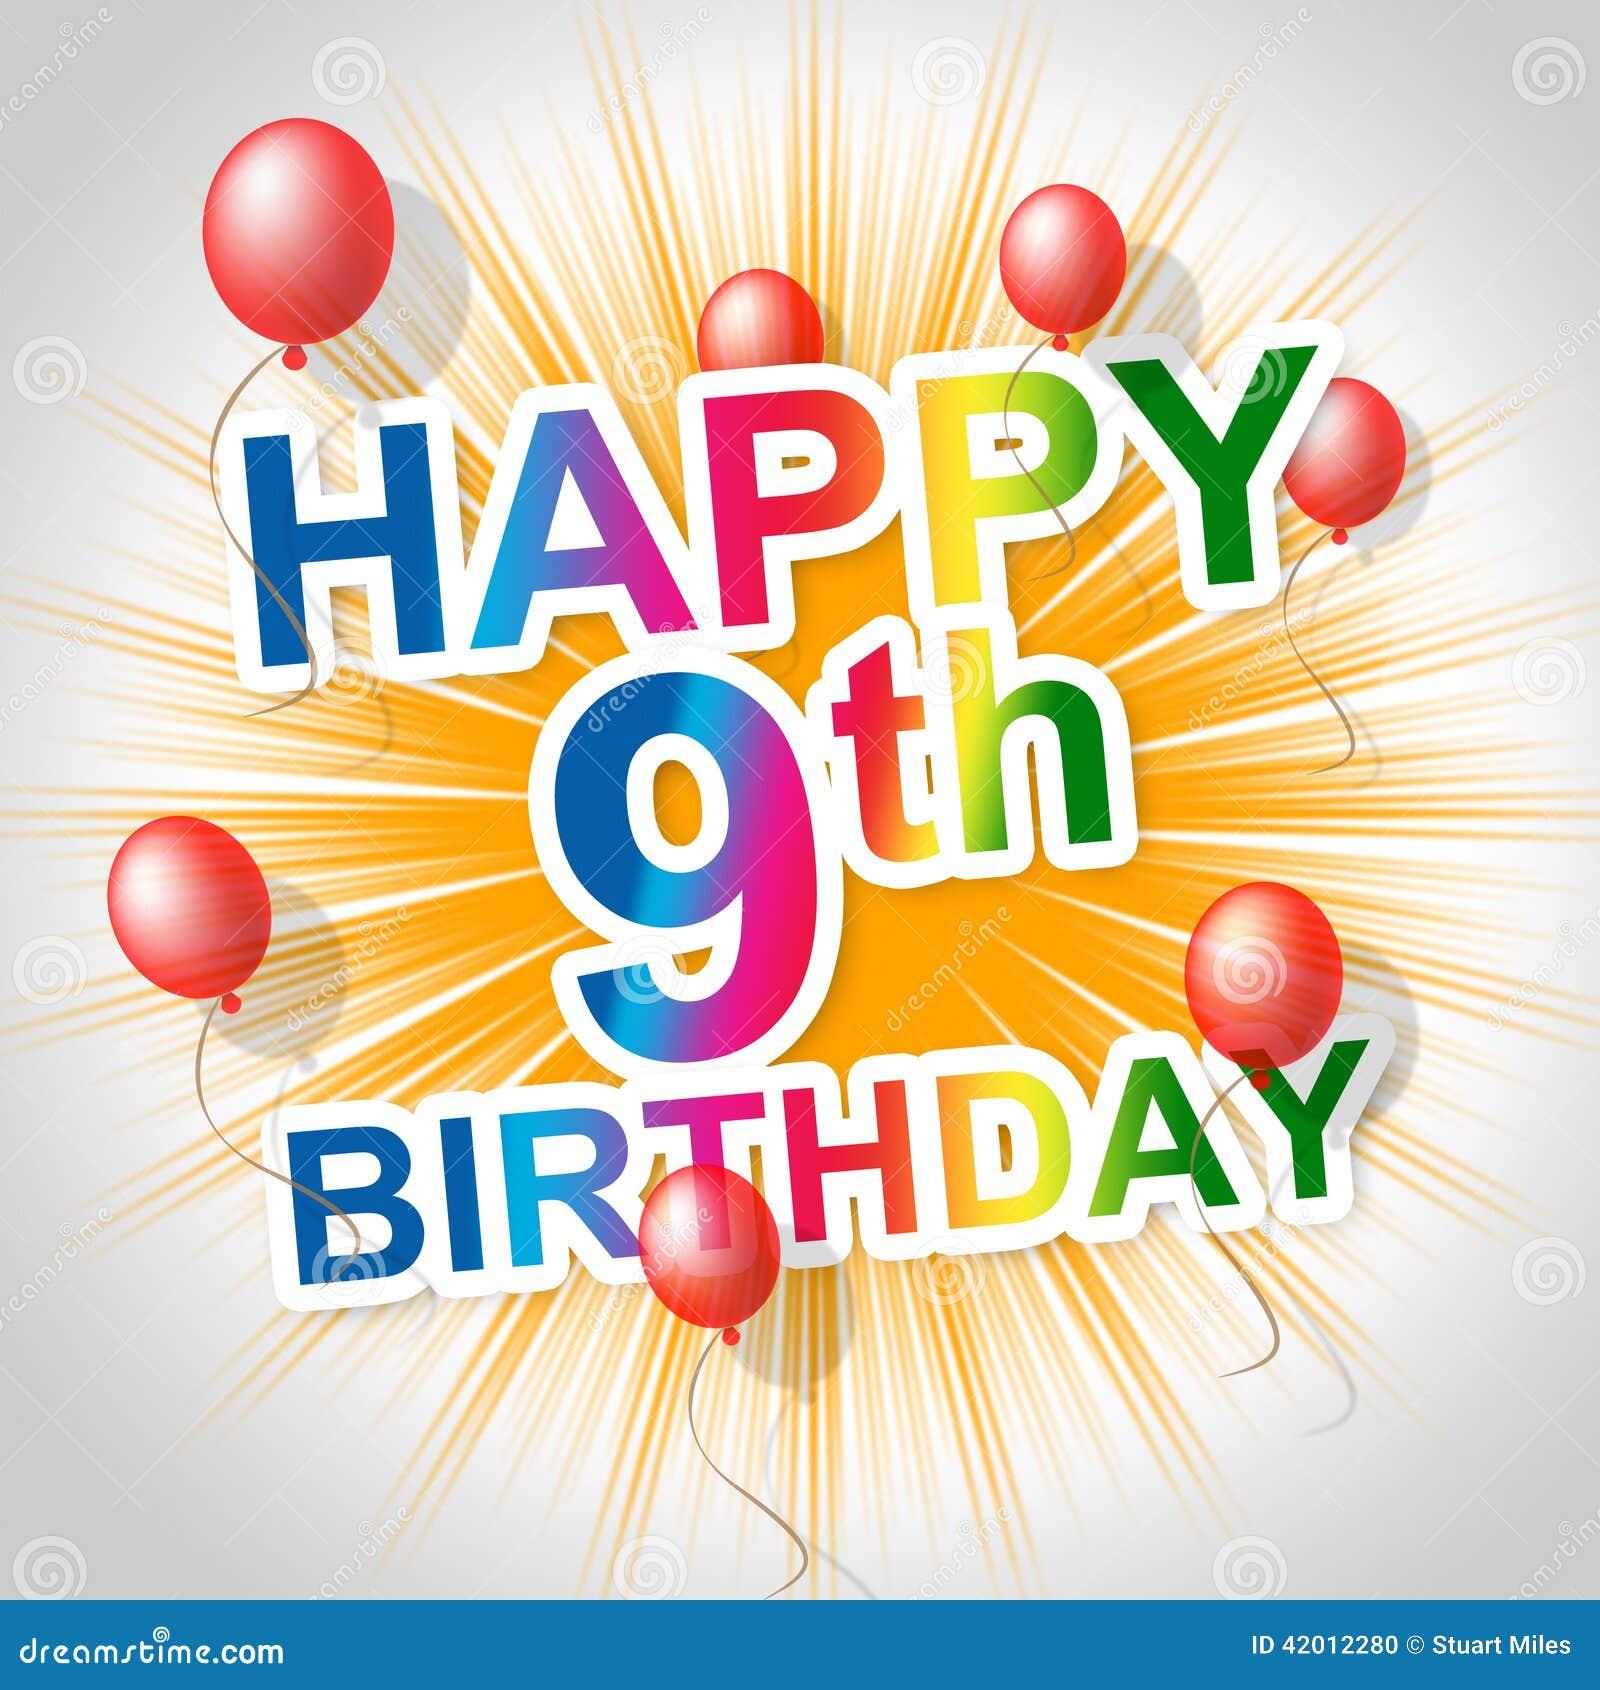 Alles Gute Zum Geburtstag Zeigt Die Partei Begluckwunschung Und Die